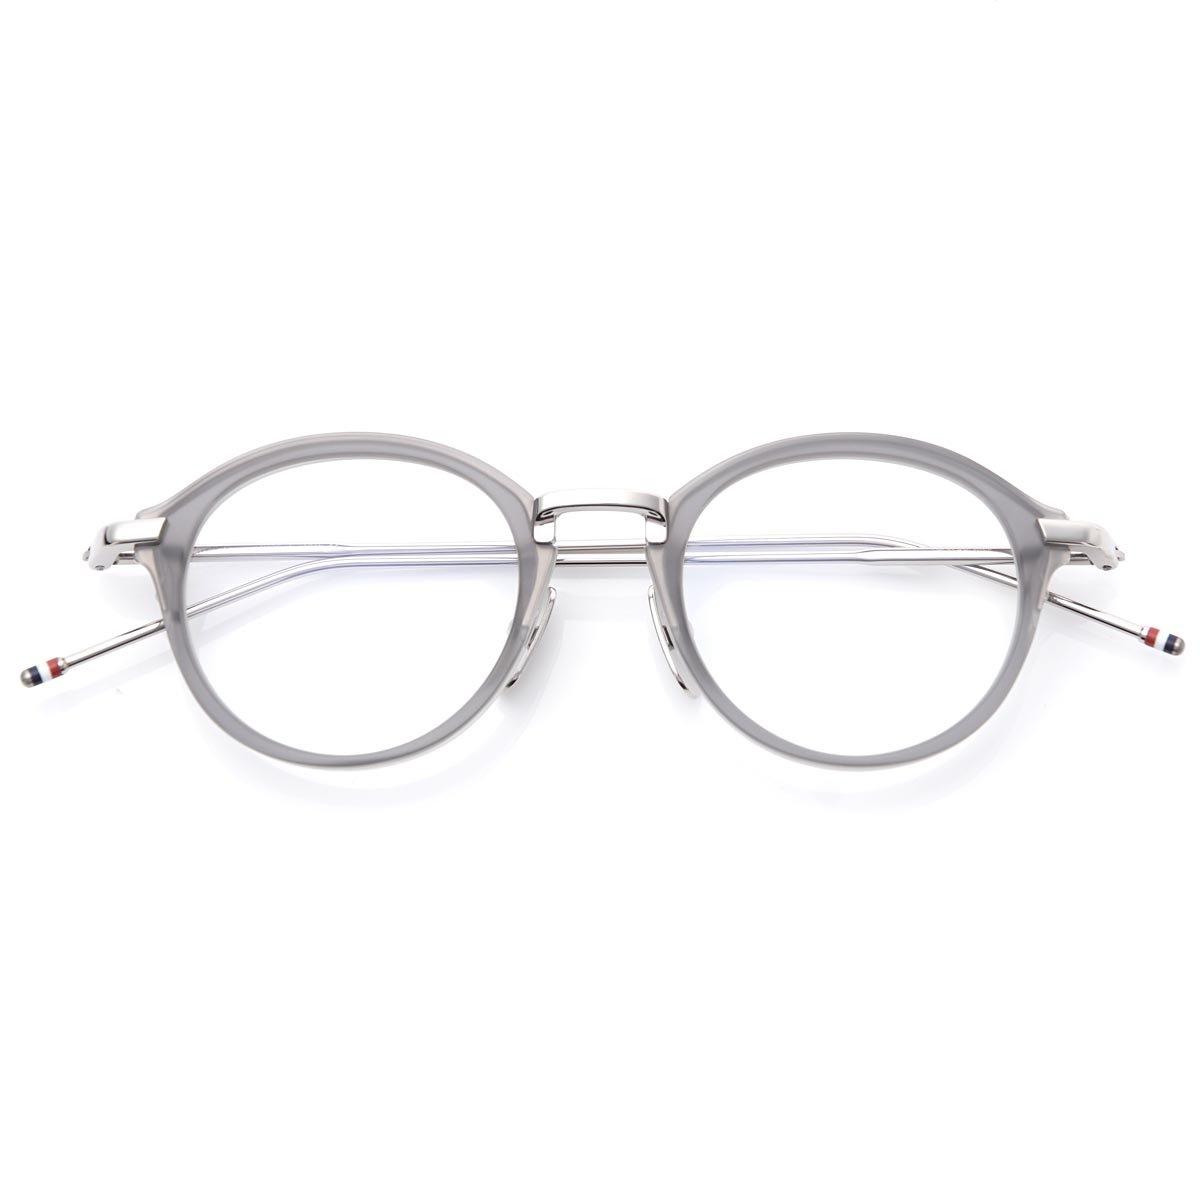 (トムブラウン) THOM BROWNE. 眼鏡/メガネ/オーバル [並行輸入品] B075JD2M7X   46